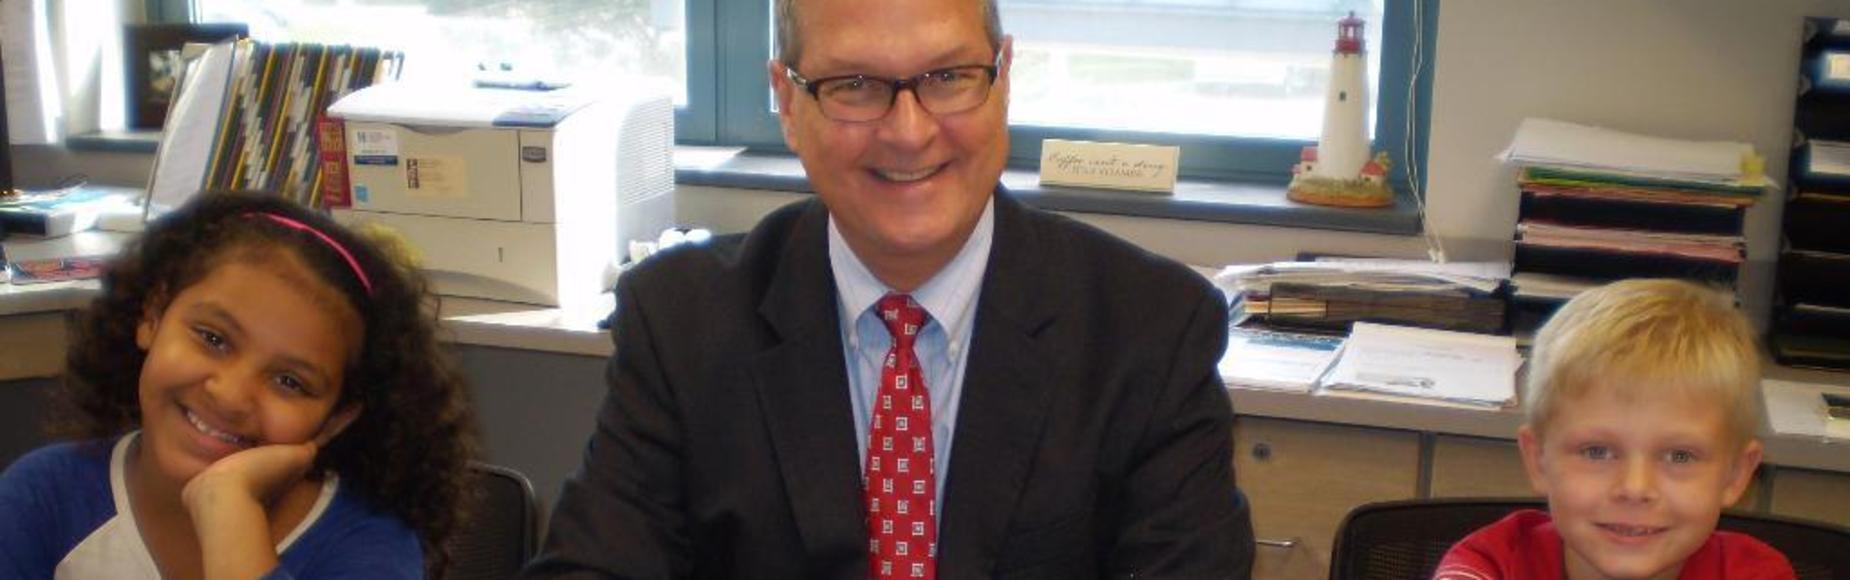 Principal Picture